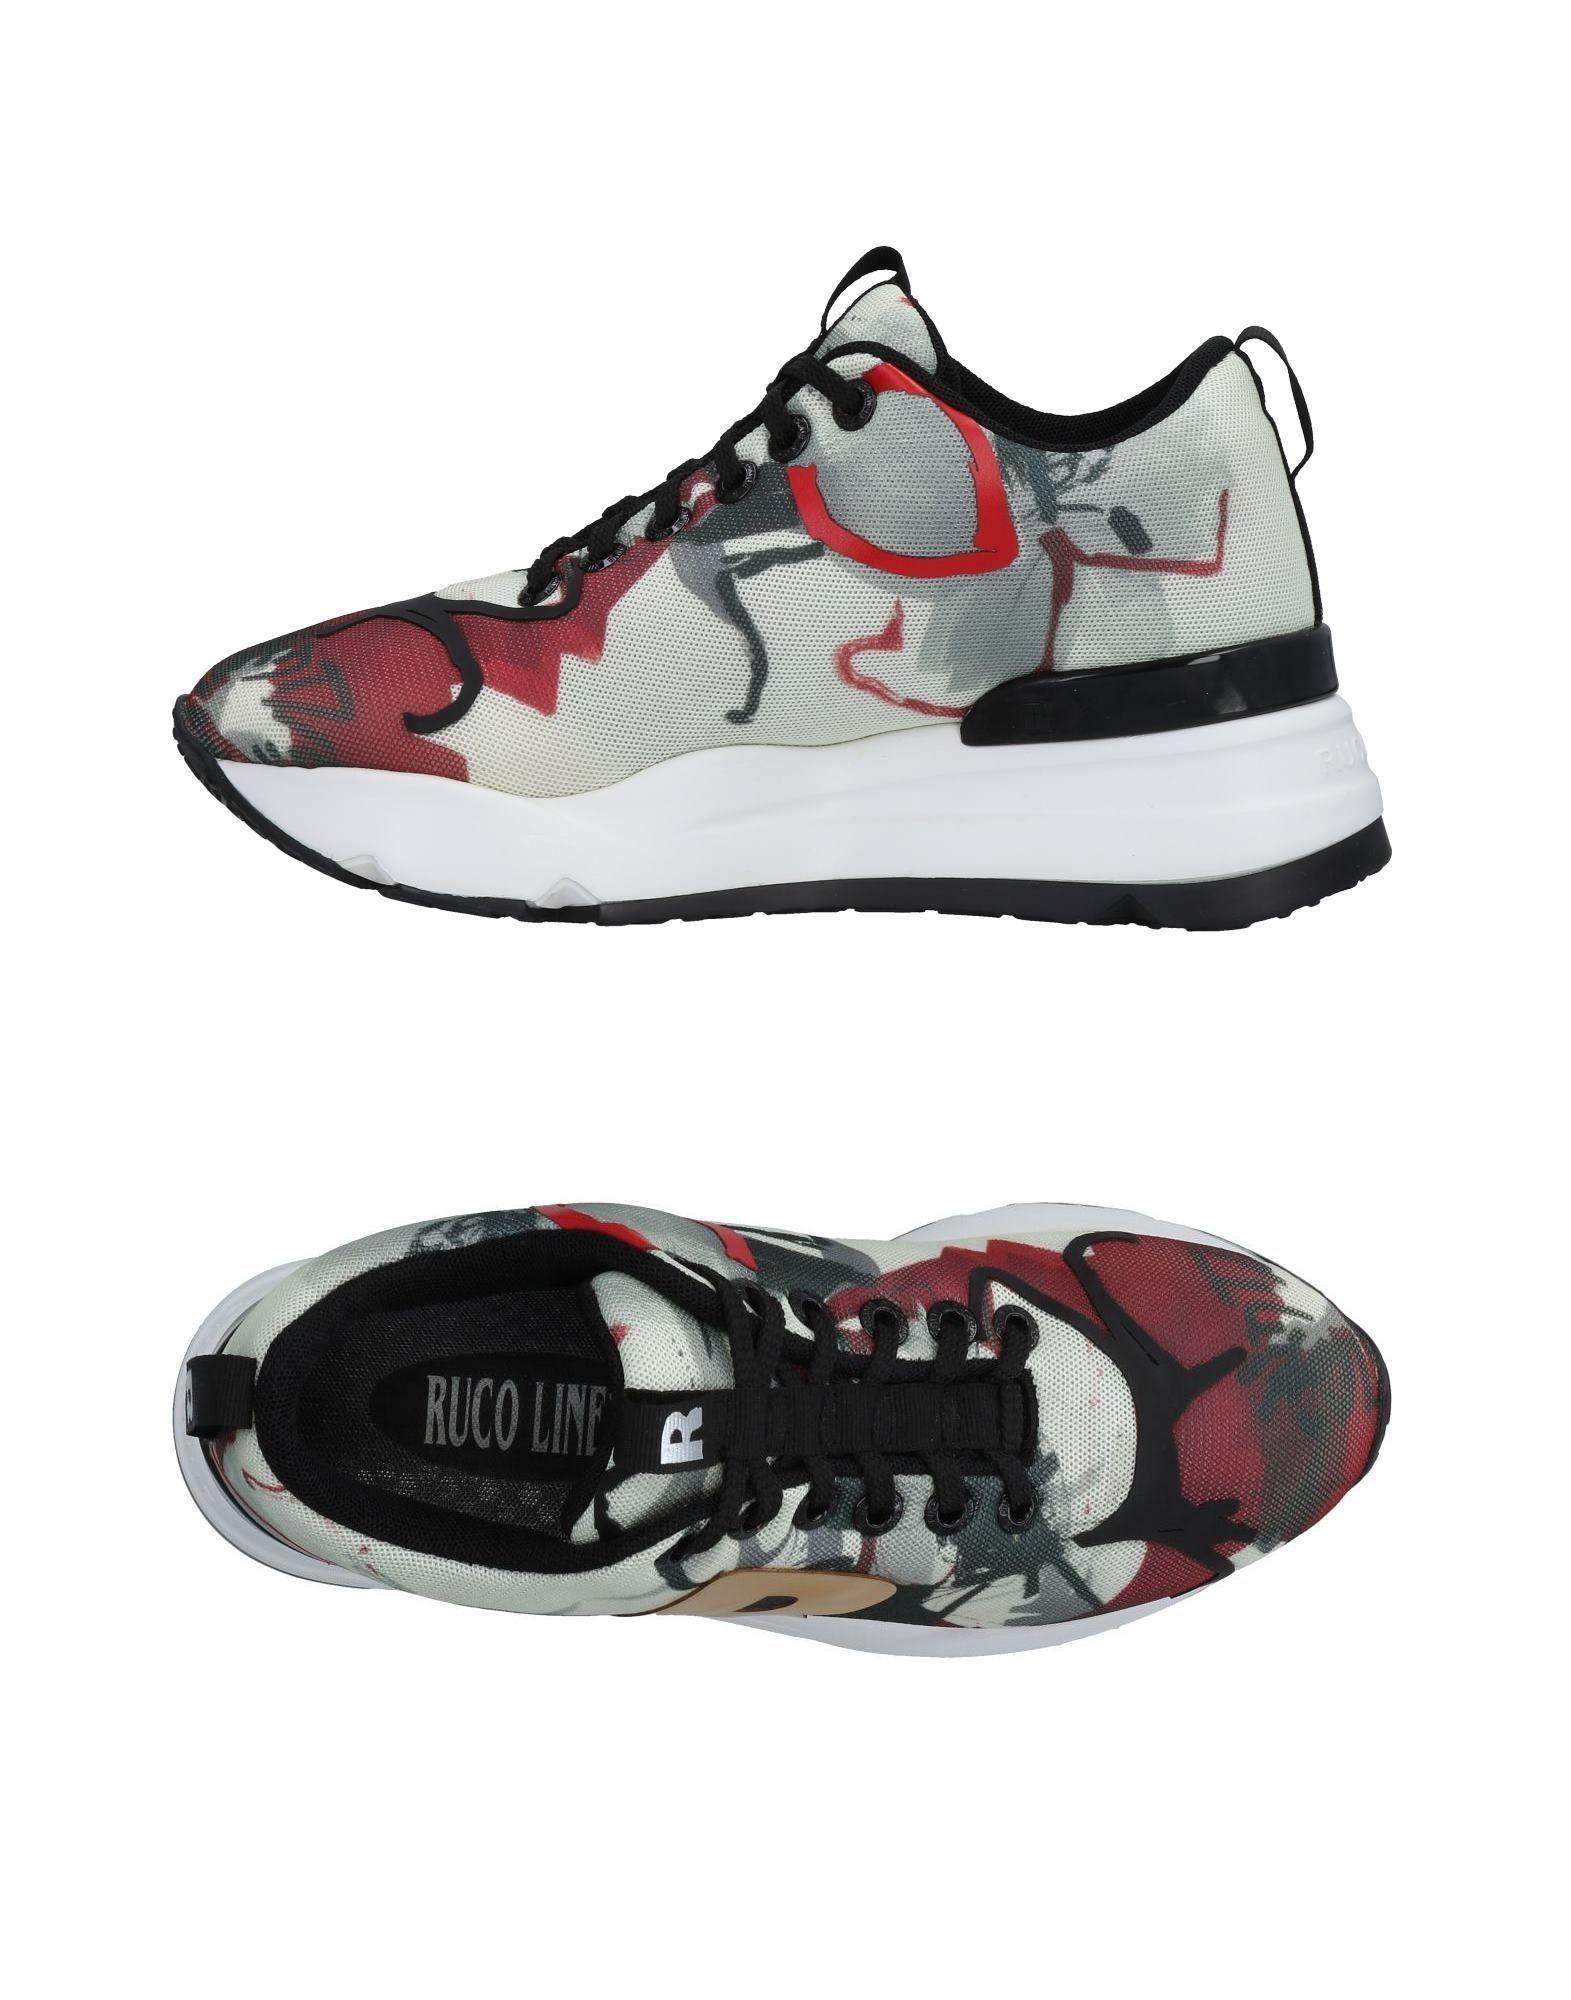 Baskets Ruco Line Femme - Baskets Ruco Line Brique Les chaussures les plus populaires pour les hommes et les femmes